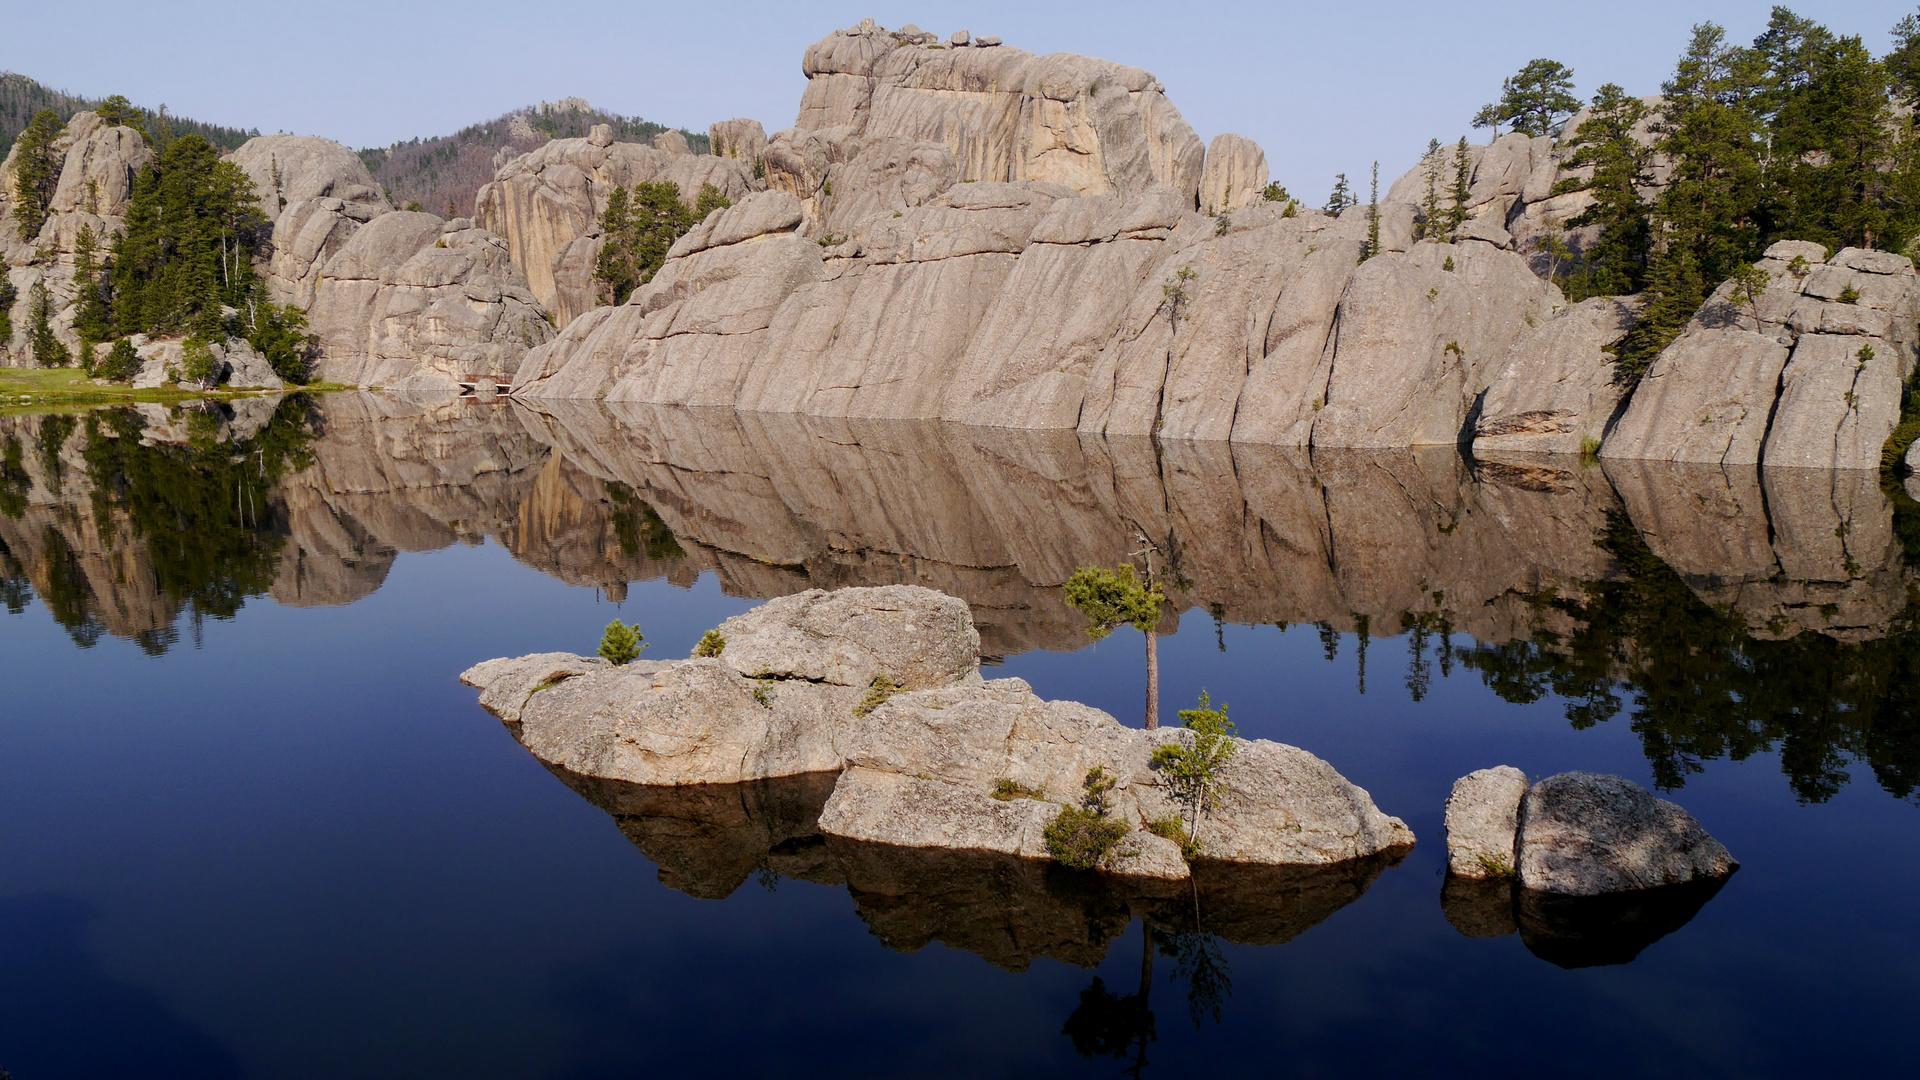 Morning Reflexions - Sylvan Lake